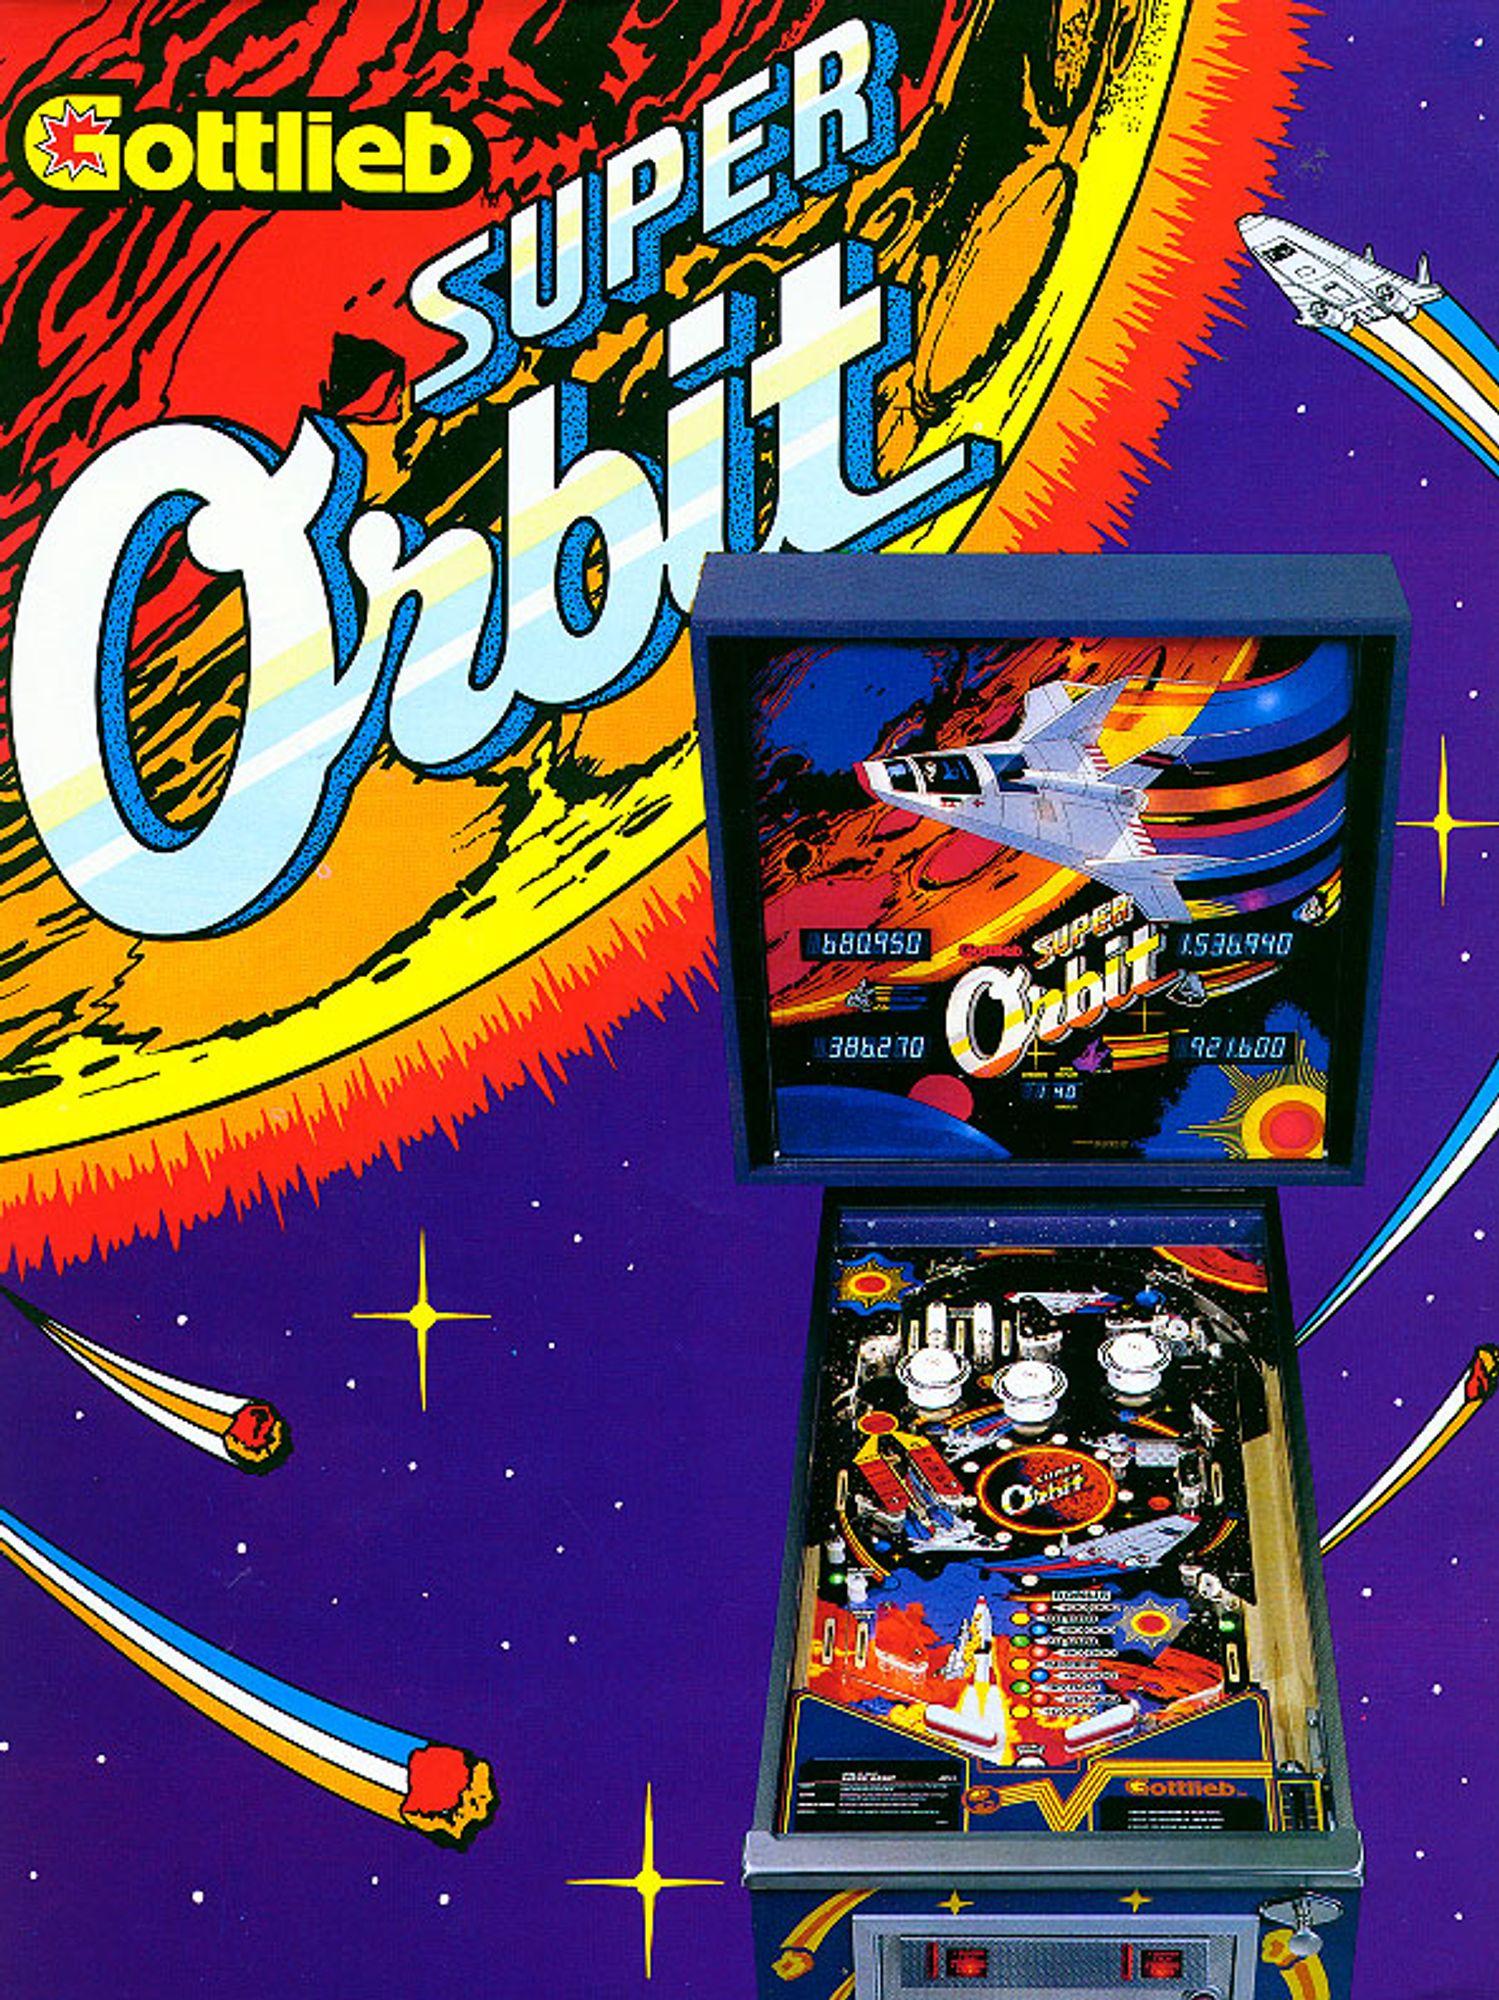 Super Orbit Flyer front